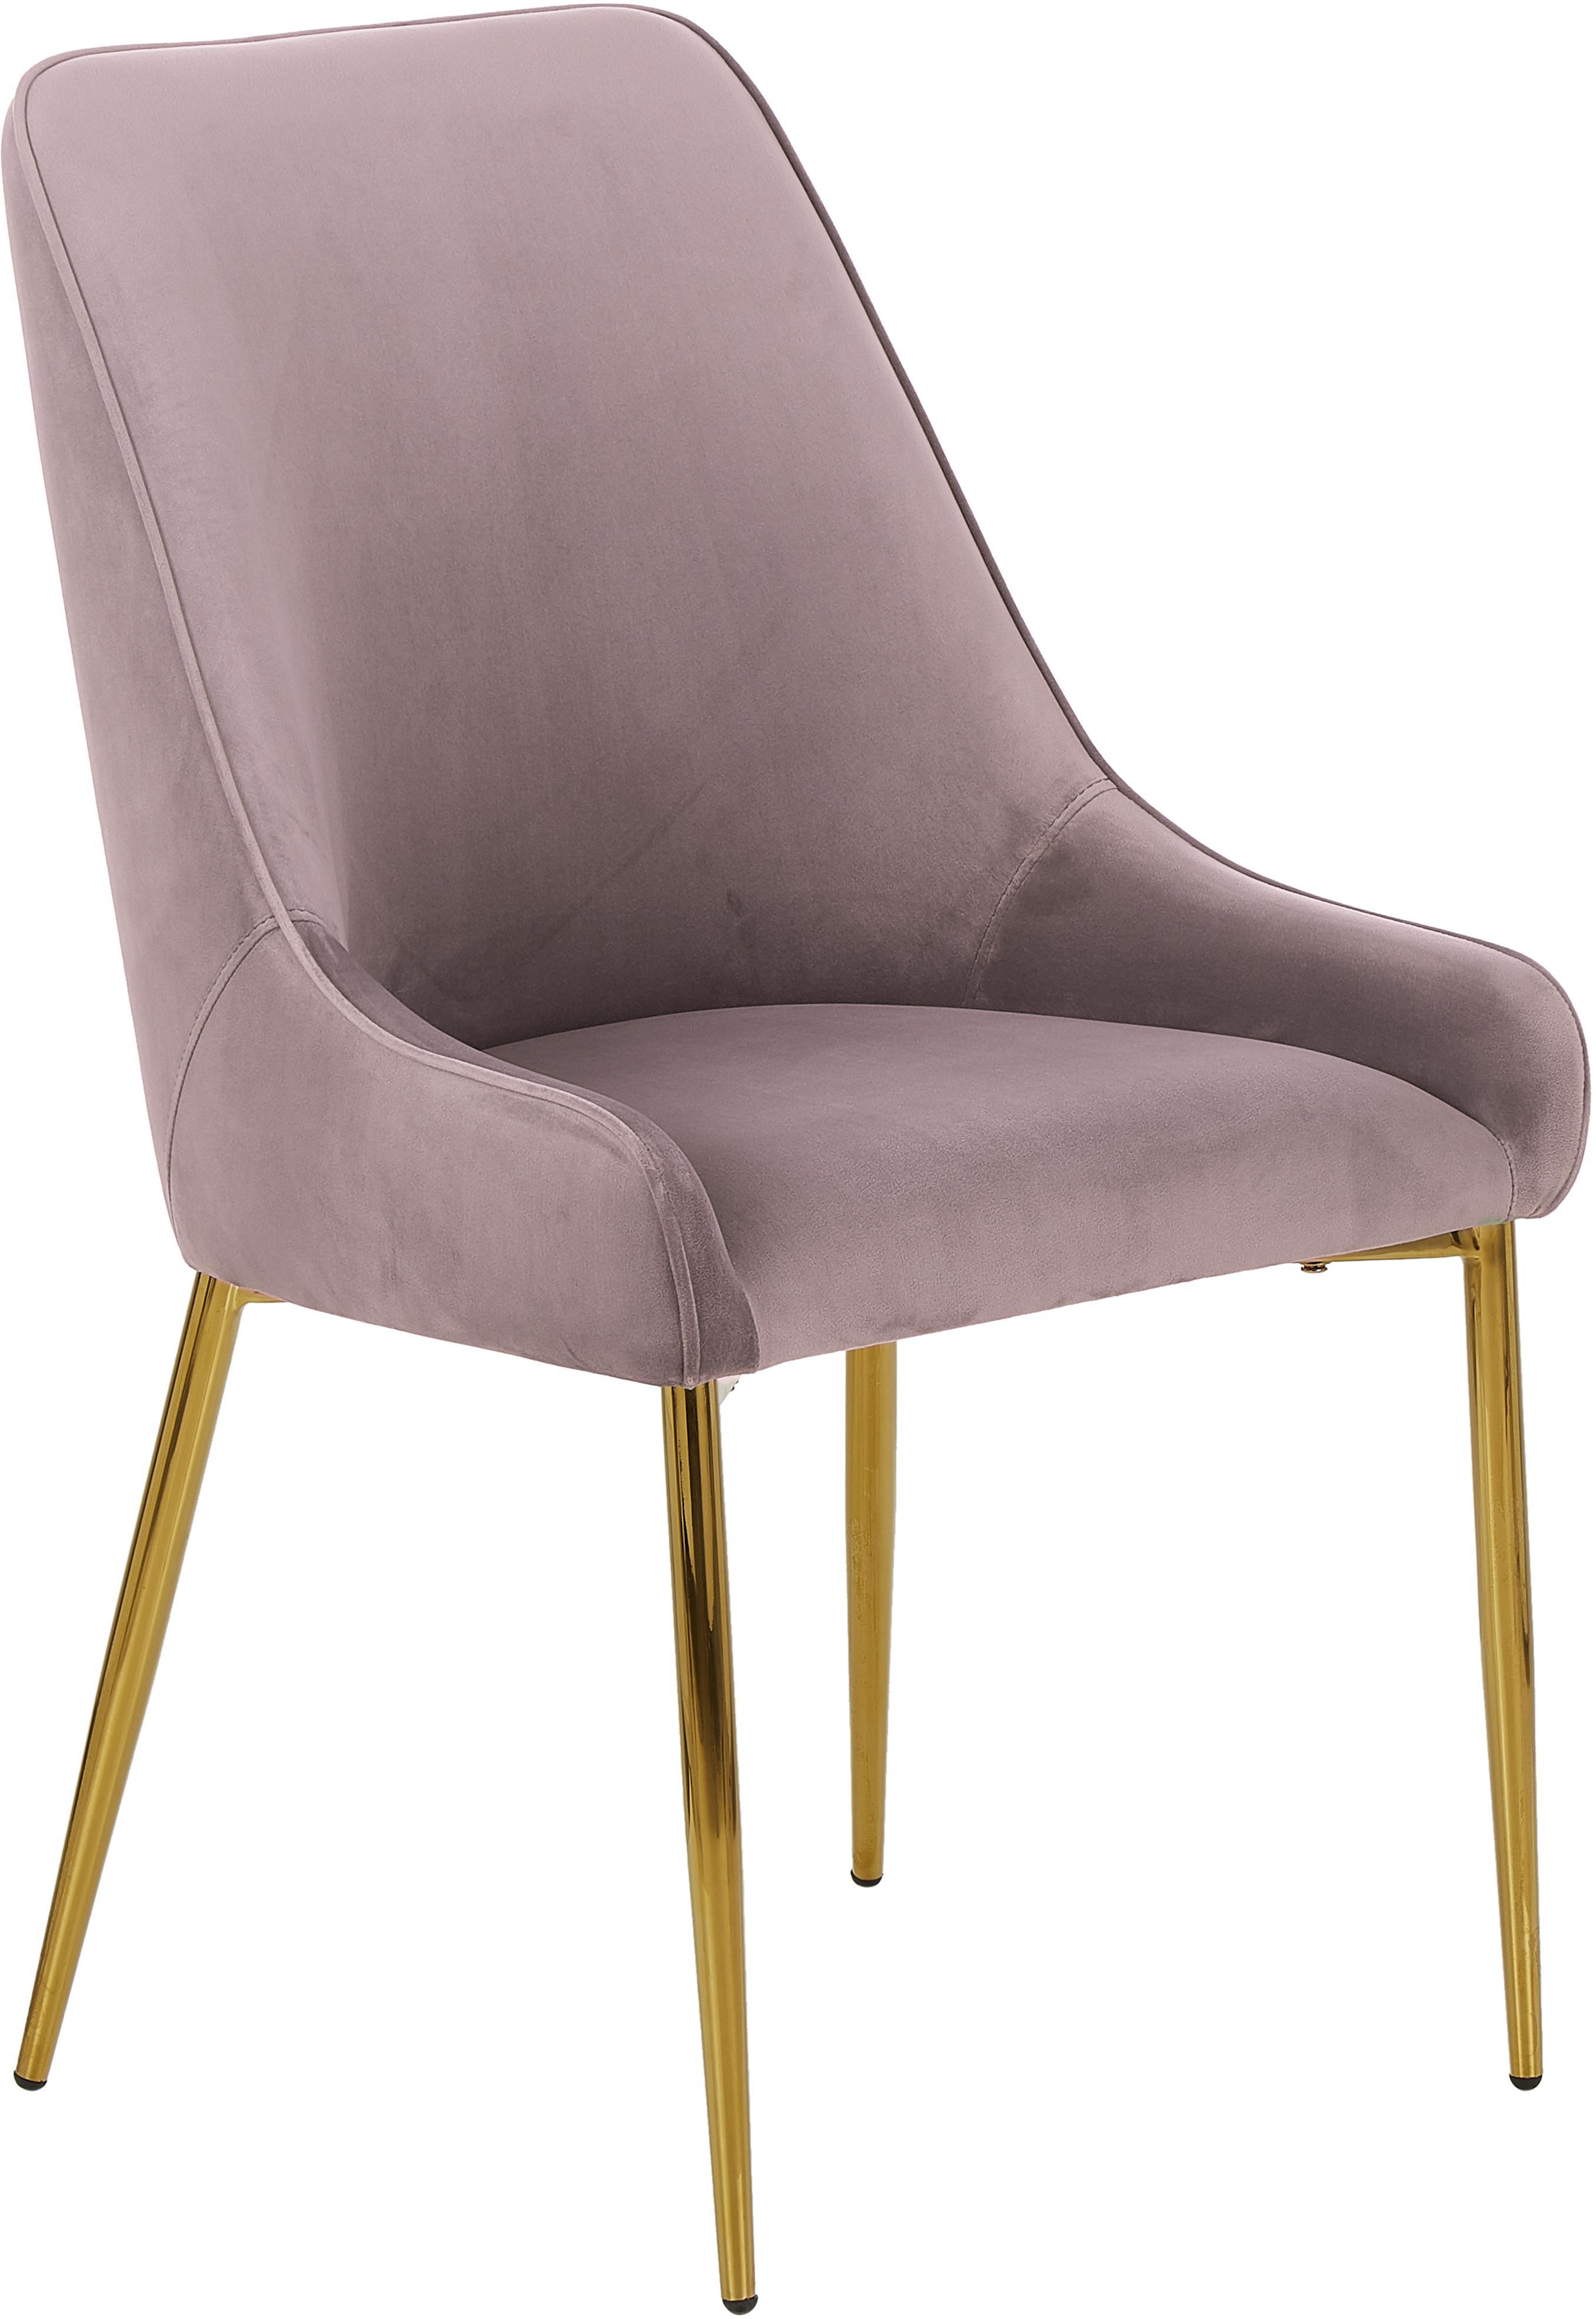 Samt-Polsterstuhl Ava mit goldfarbenen Beinen, Bezug: Samt (100% Polyester) 50., Beine: Metall, galvanisiert, Samt Mauve, B 53 x T 60 cm